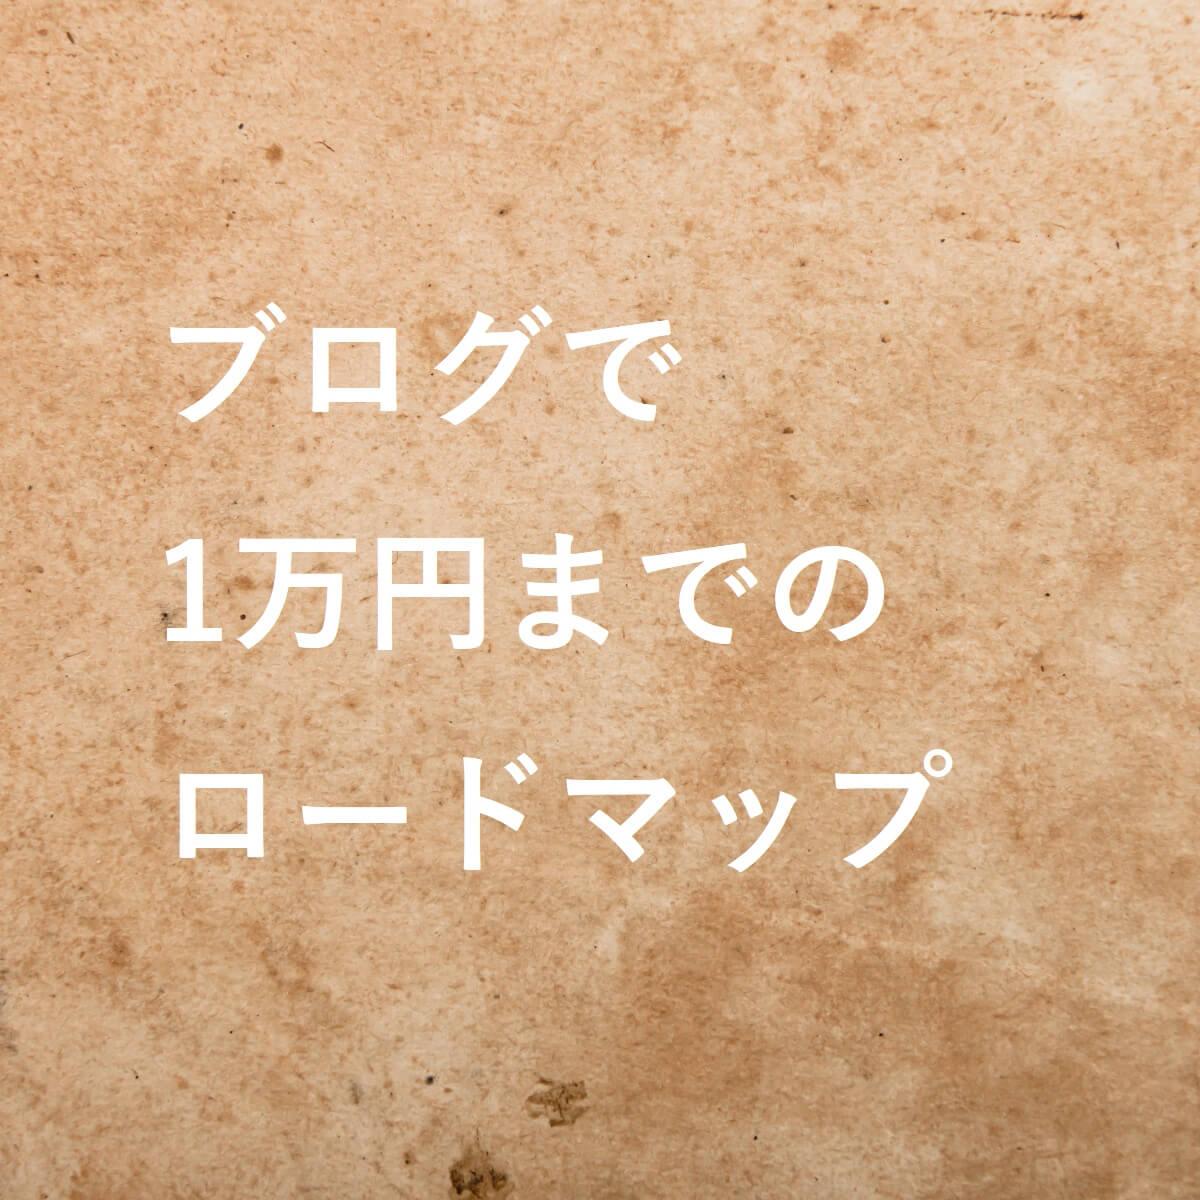 古い紙の上に「ブログで1万円までのロードマップ」と書かれている。